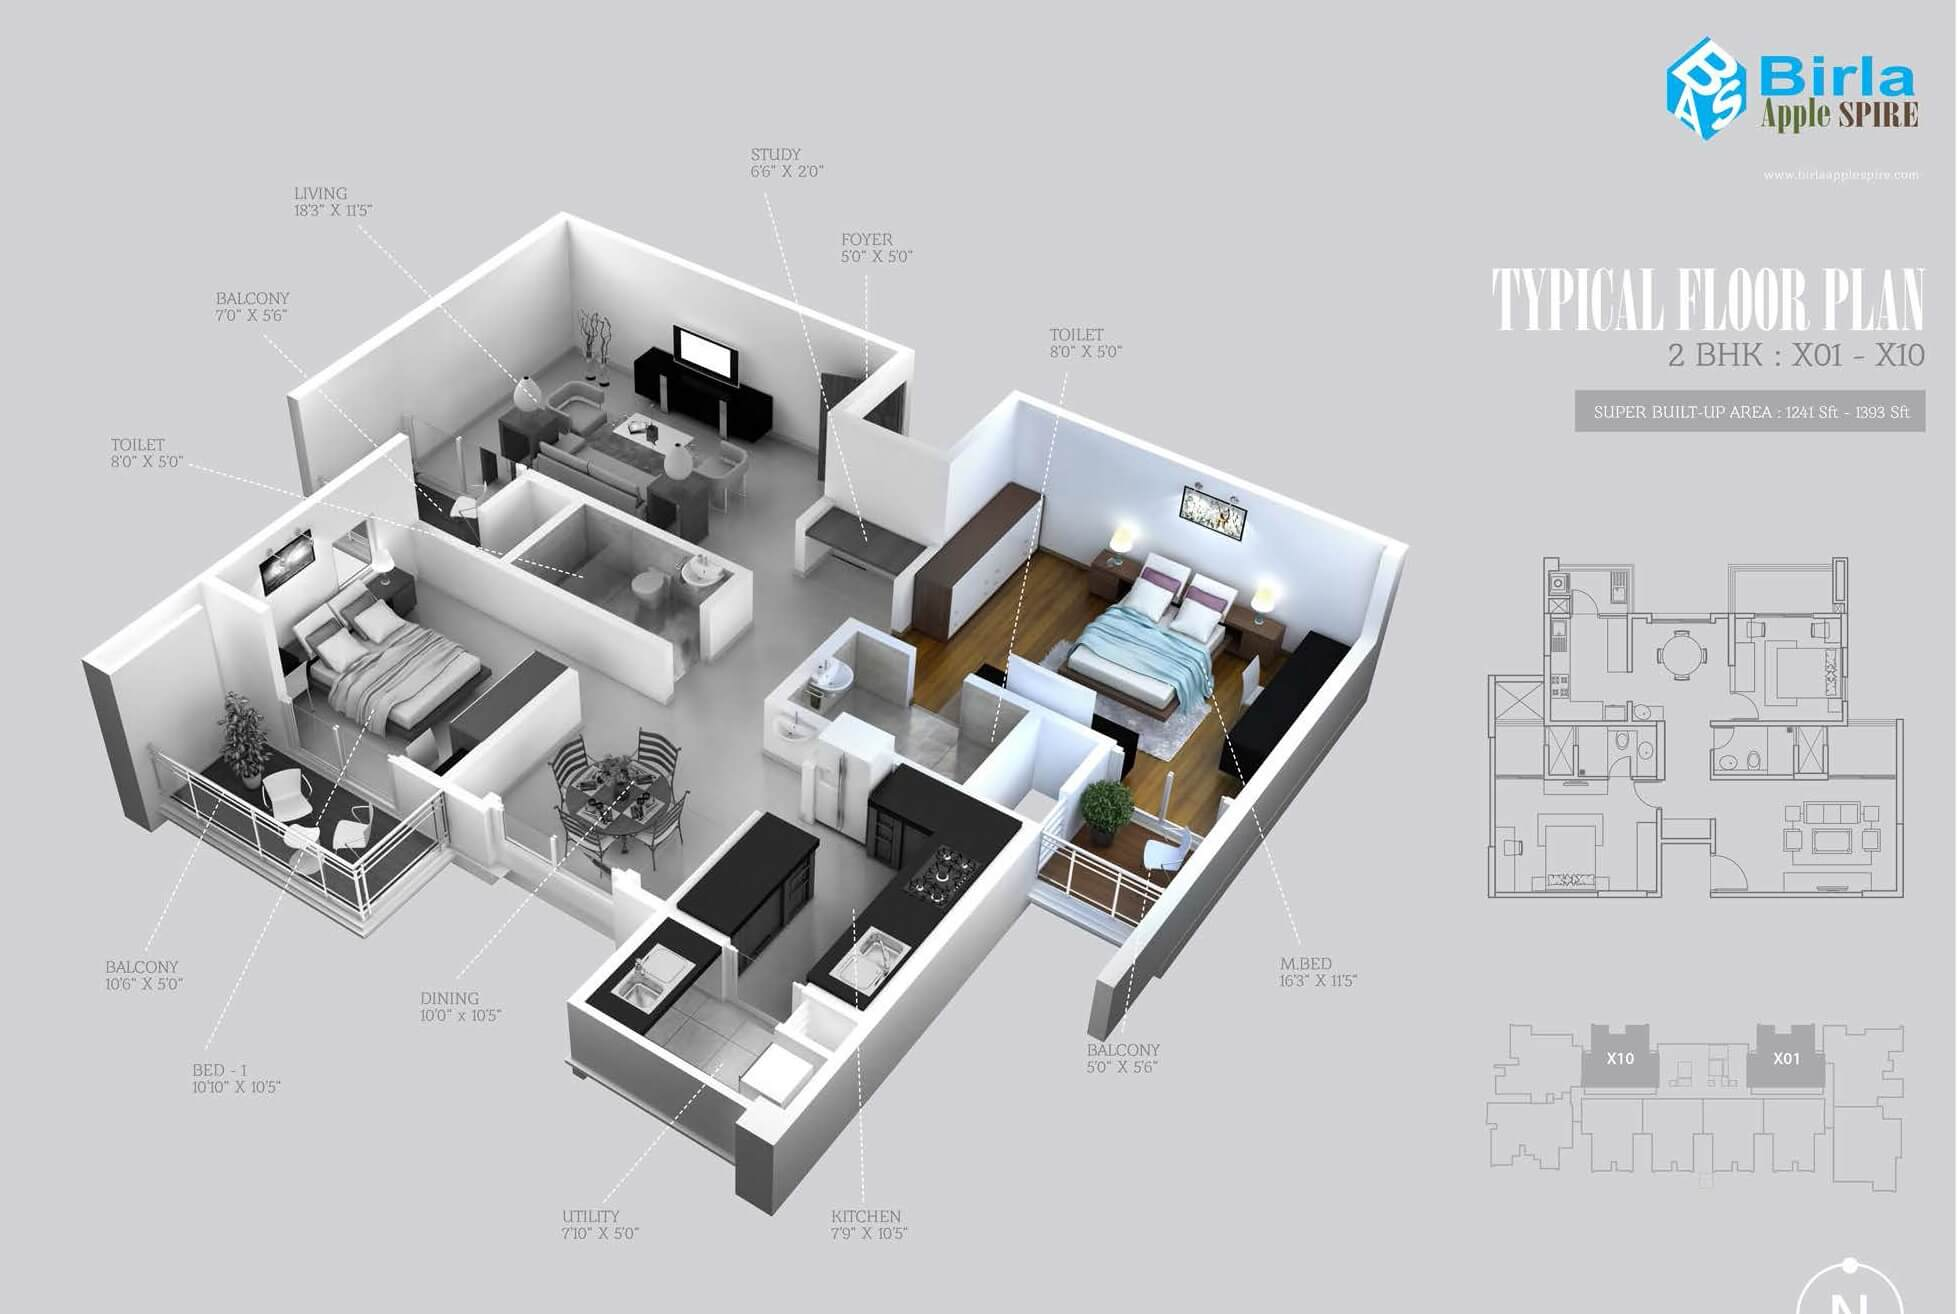 birla apple spire apartment 2bhk 1393sqft 1